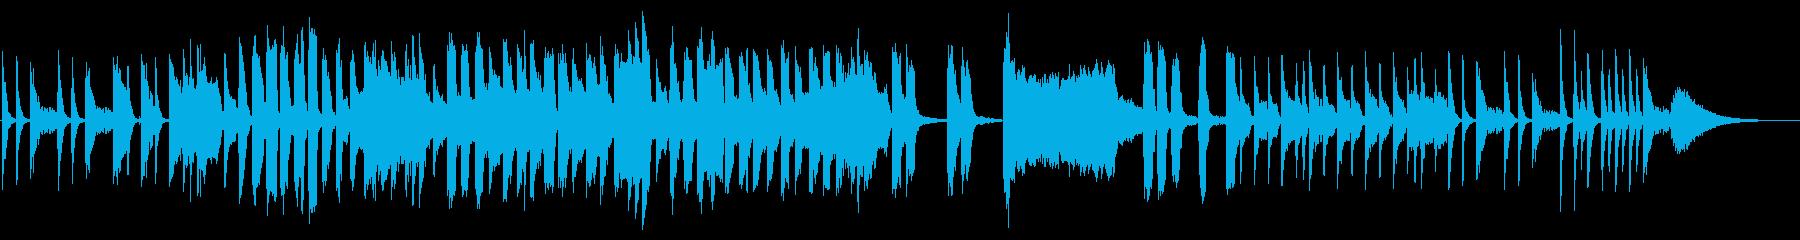 わくわくするマーチングバンド風ジングルの再生済みの波形